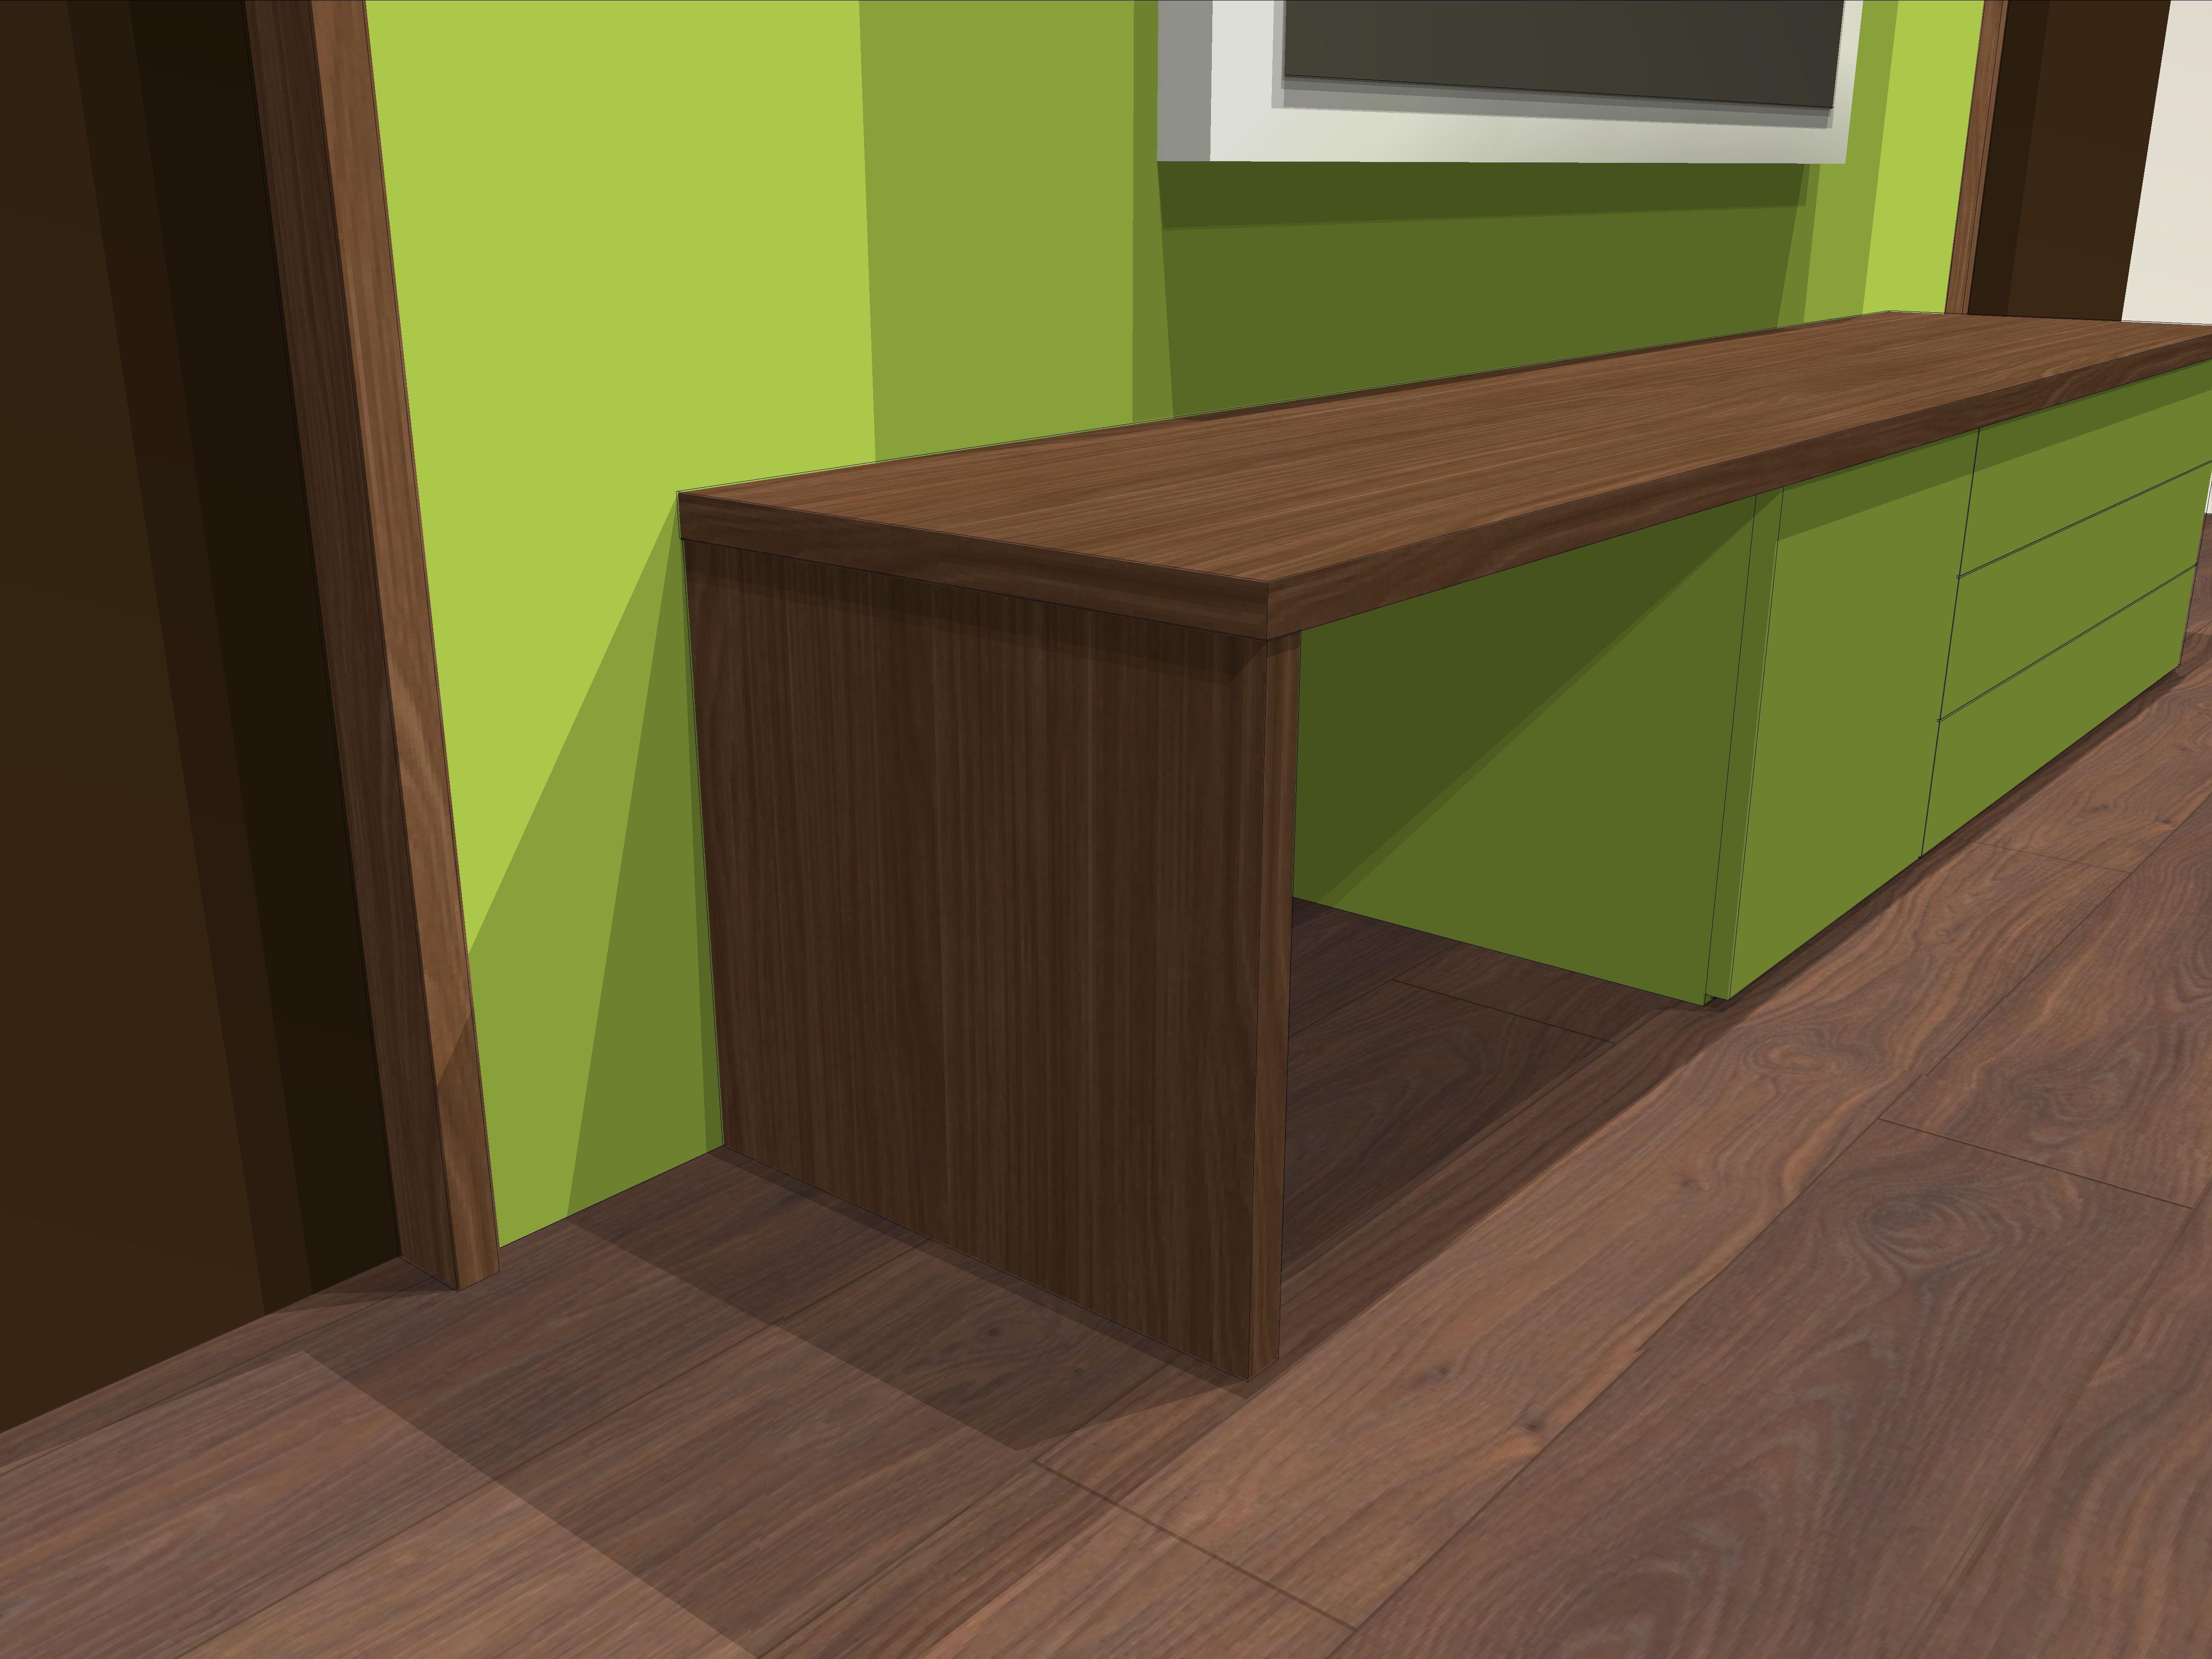 Lowboard Green-Nut 1.4